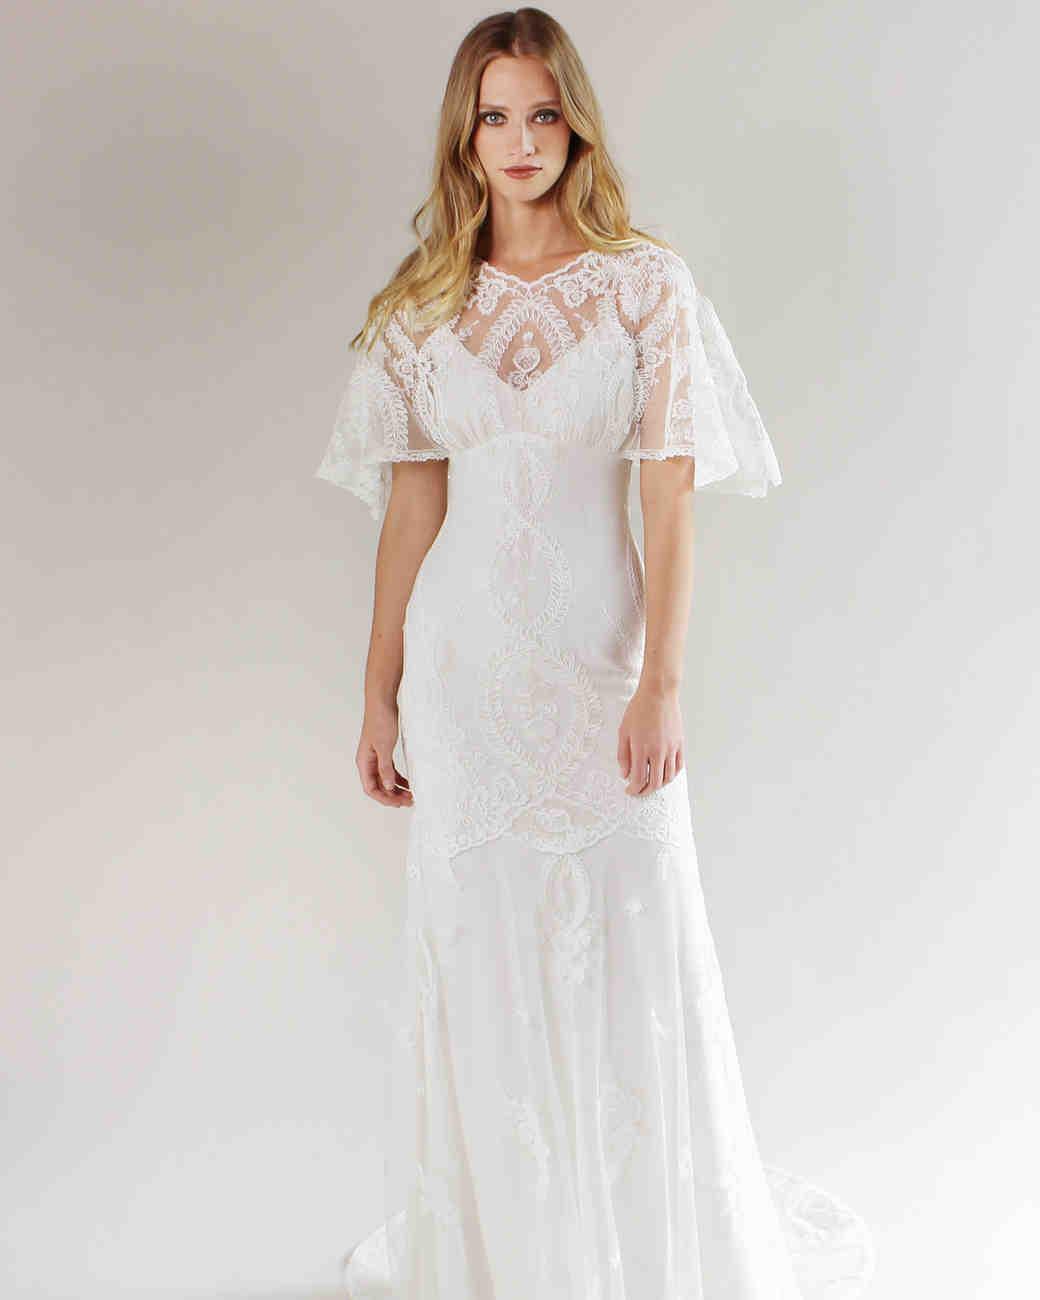 elie saab wedding dresses spring elie saab wedding dress Elie Saab